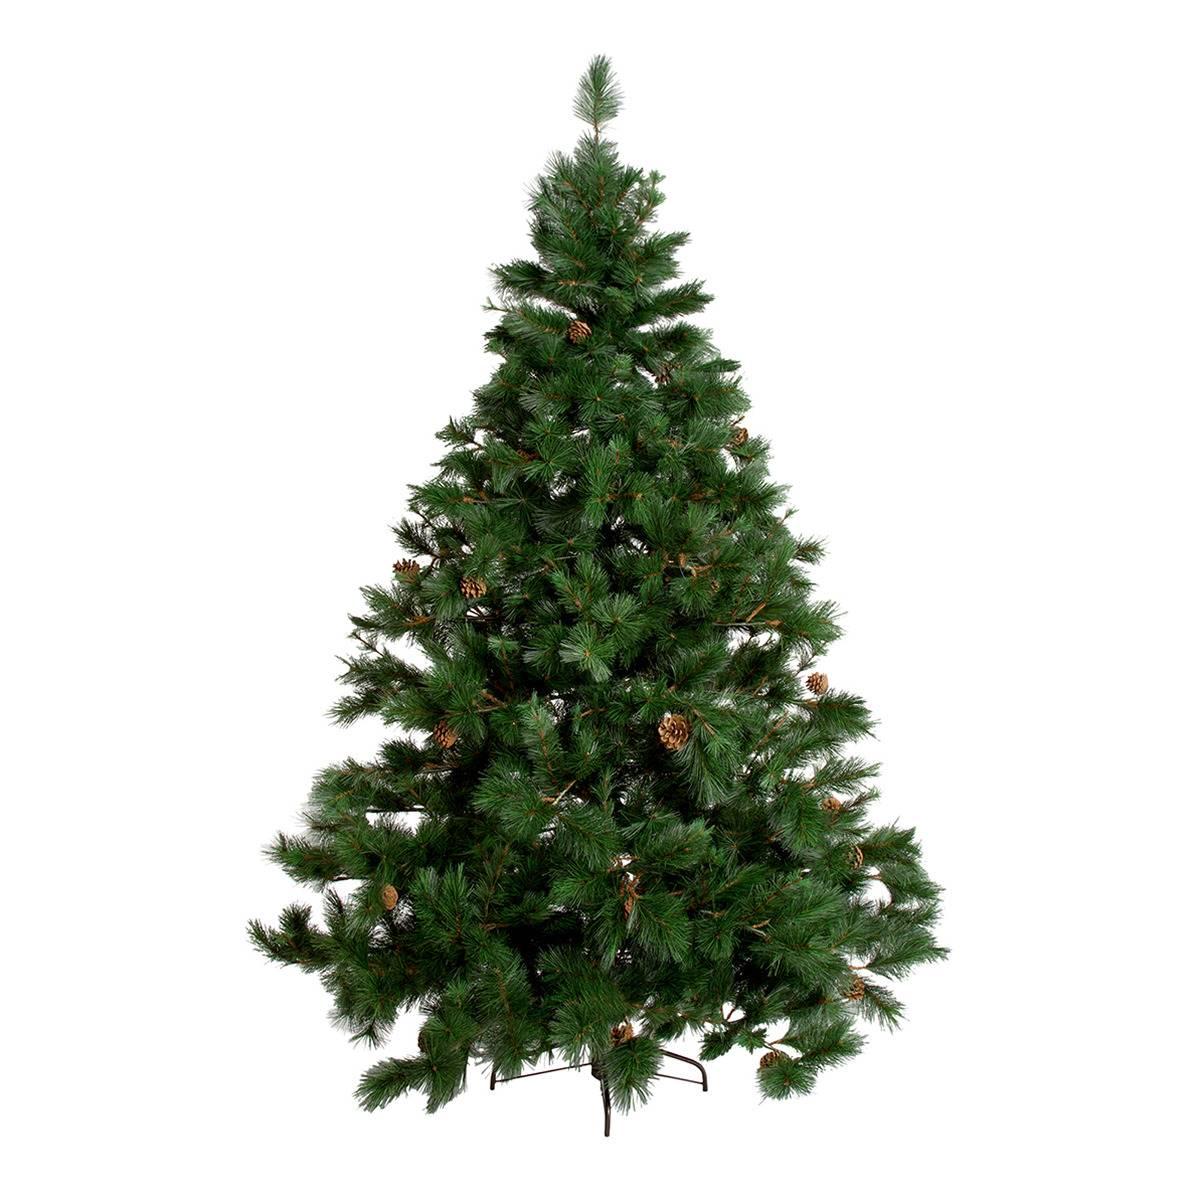 Cómo Elegir El árbol De Navidad Shopping Consejos Y Decoración